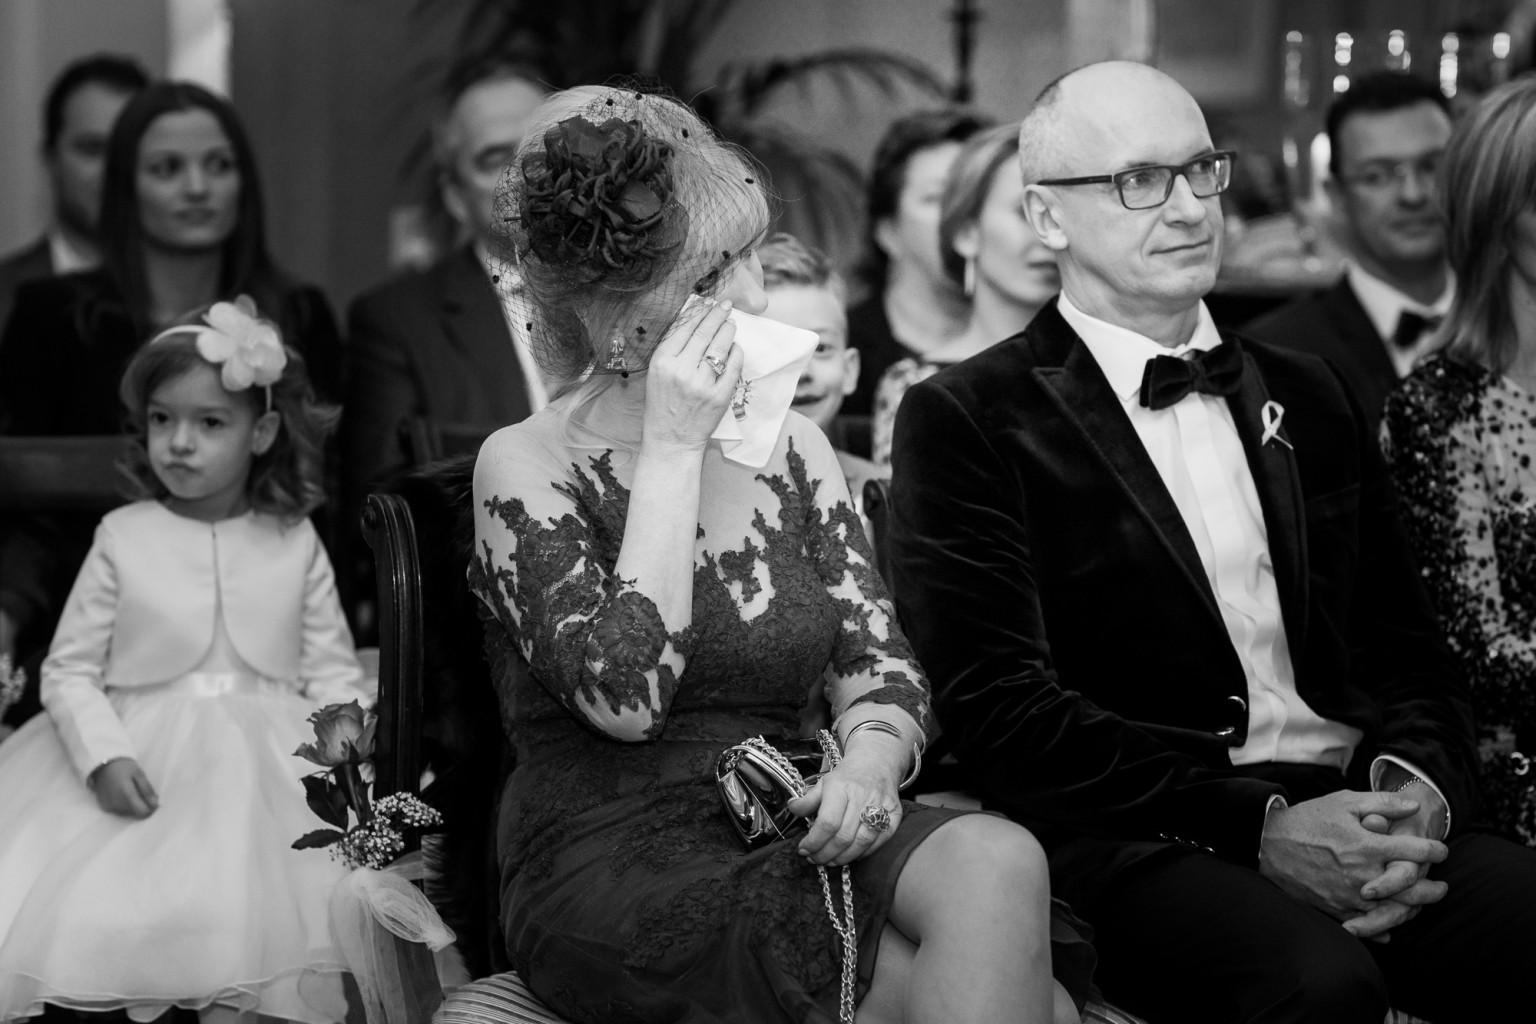 Huilende schoonmoeder bij huwelijksceremonie - trouwfotograaf Peter Lammers